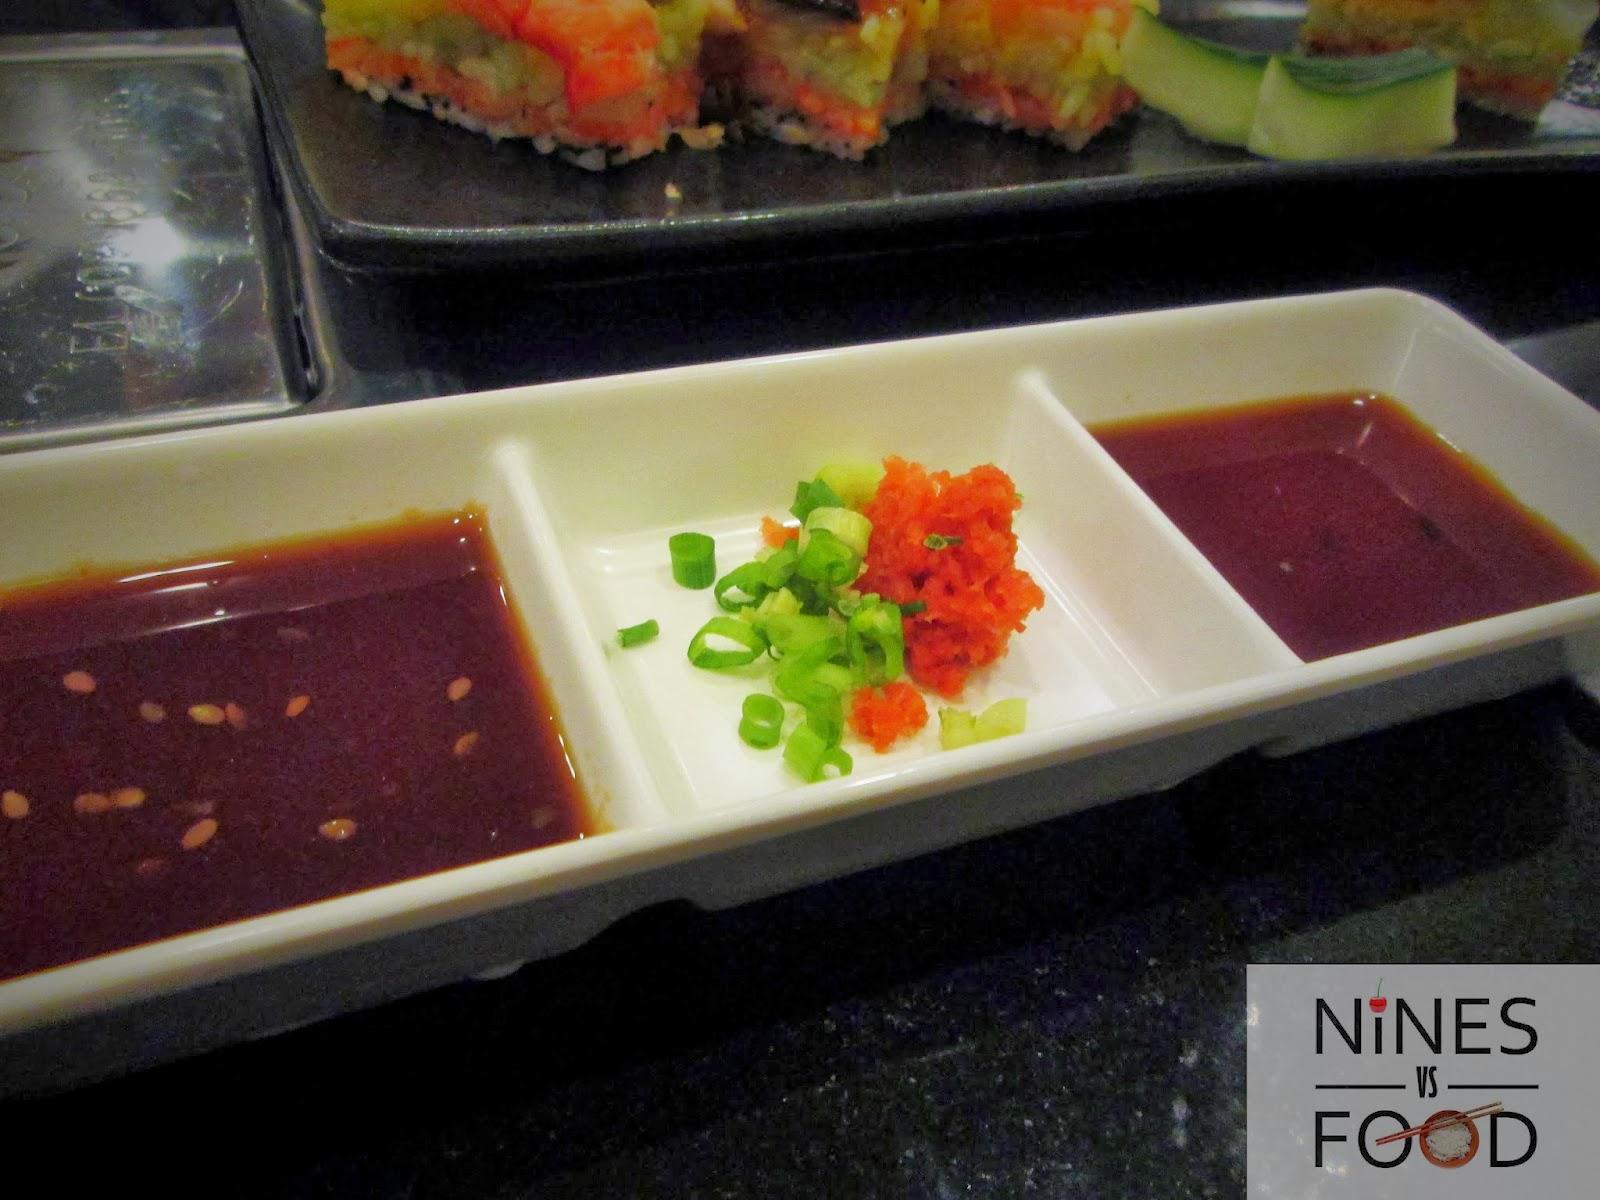 Nines vs. Food - Ogetsu Hime SM Aura Taguig-23.jpg